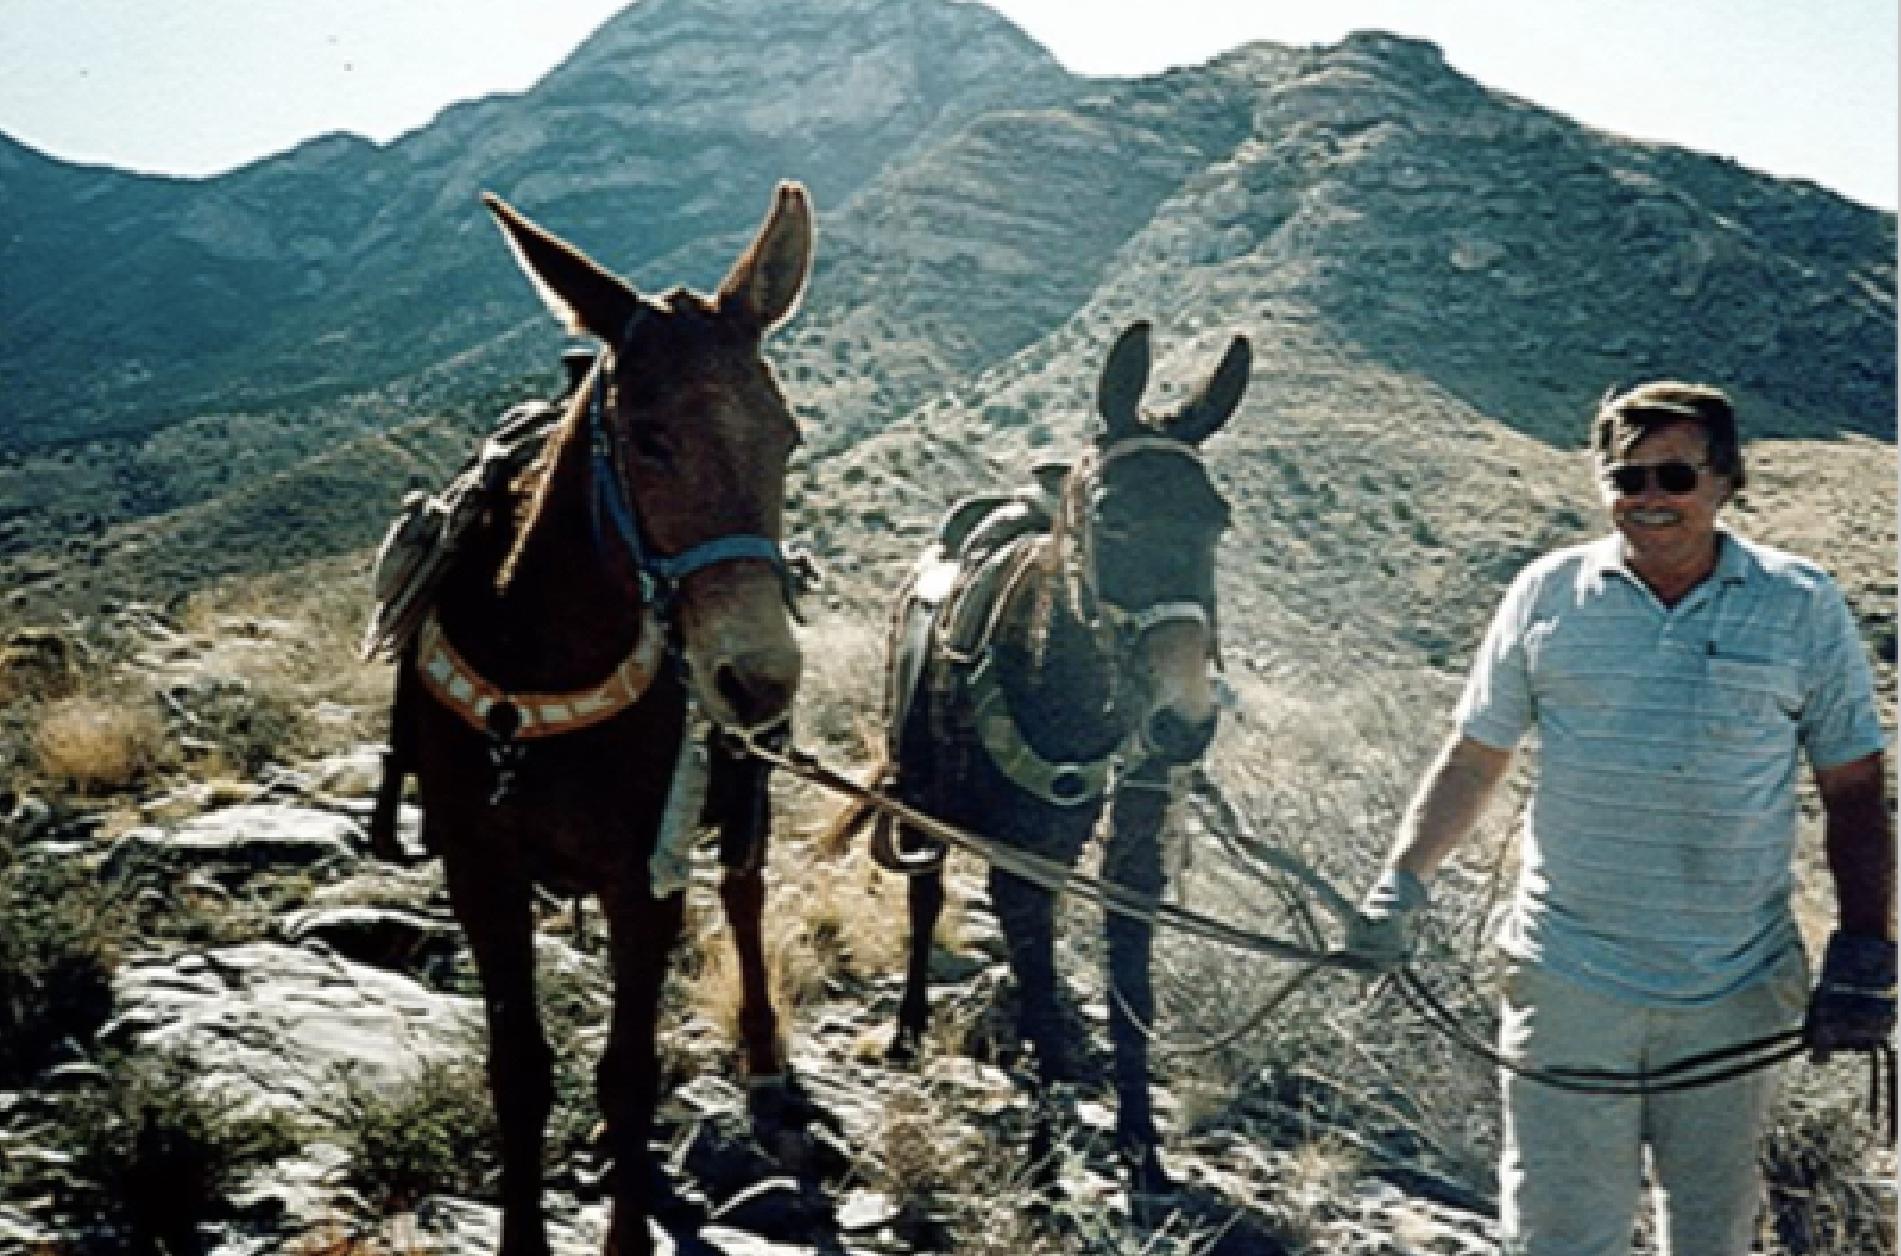 Donkeys@2x